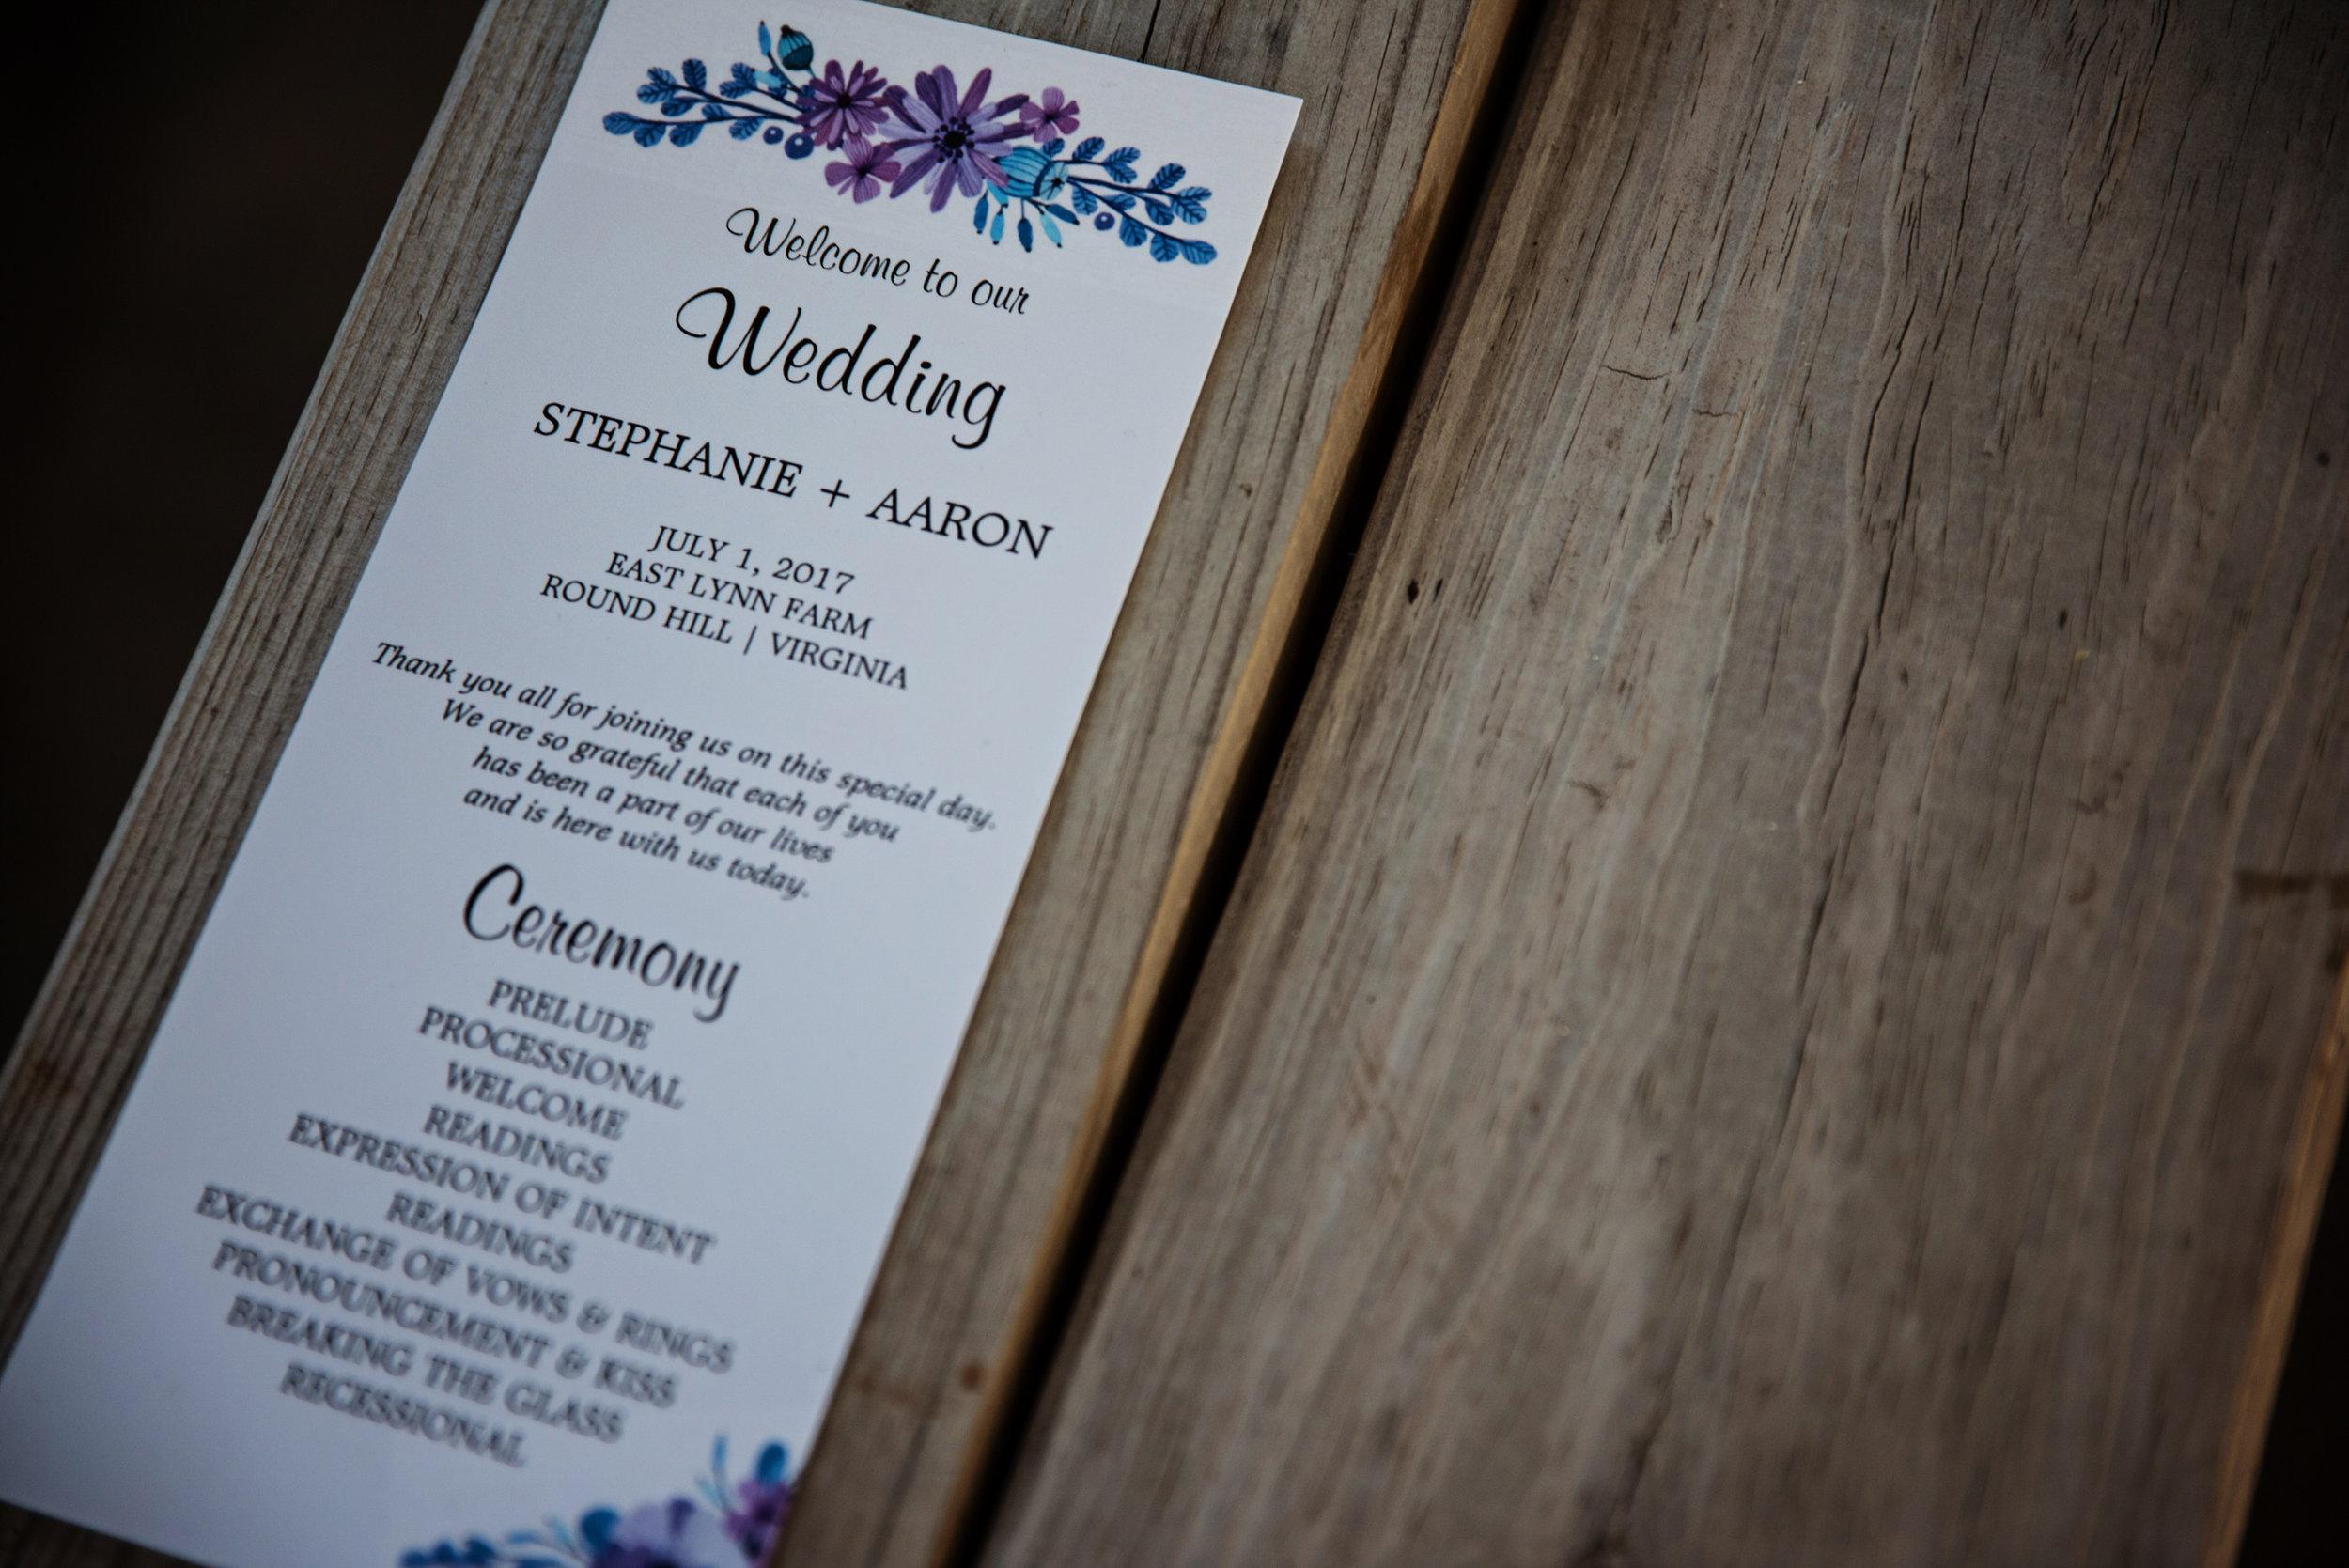 EastLynnFarmWedding-Stephanie&Aaron-Reception-18.jpg